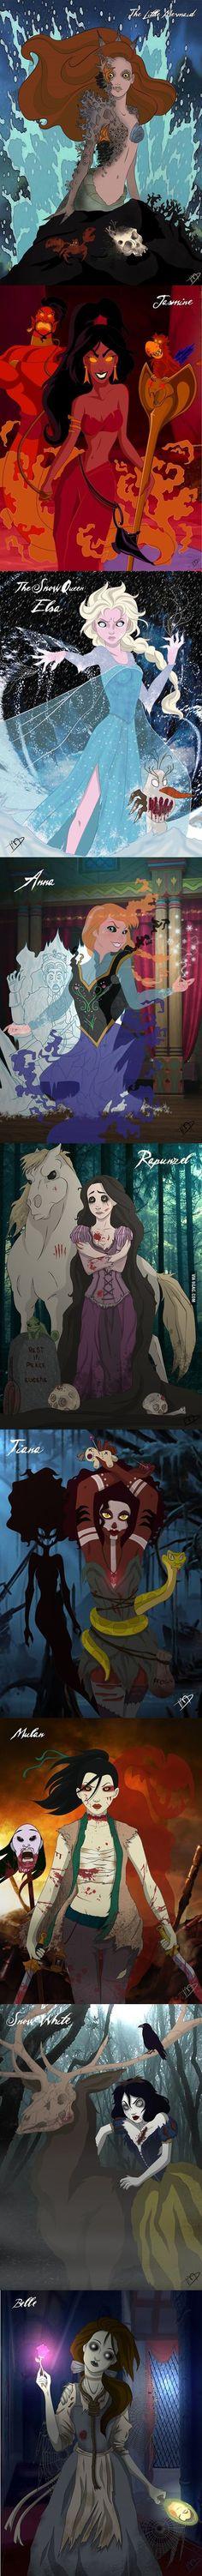 Princesse qui font peur